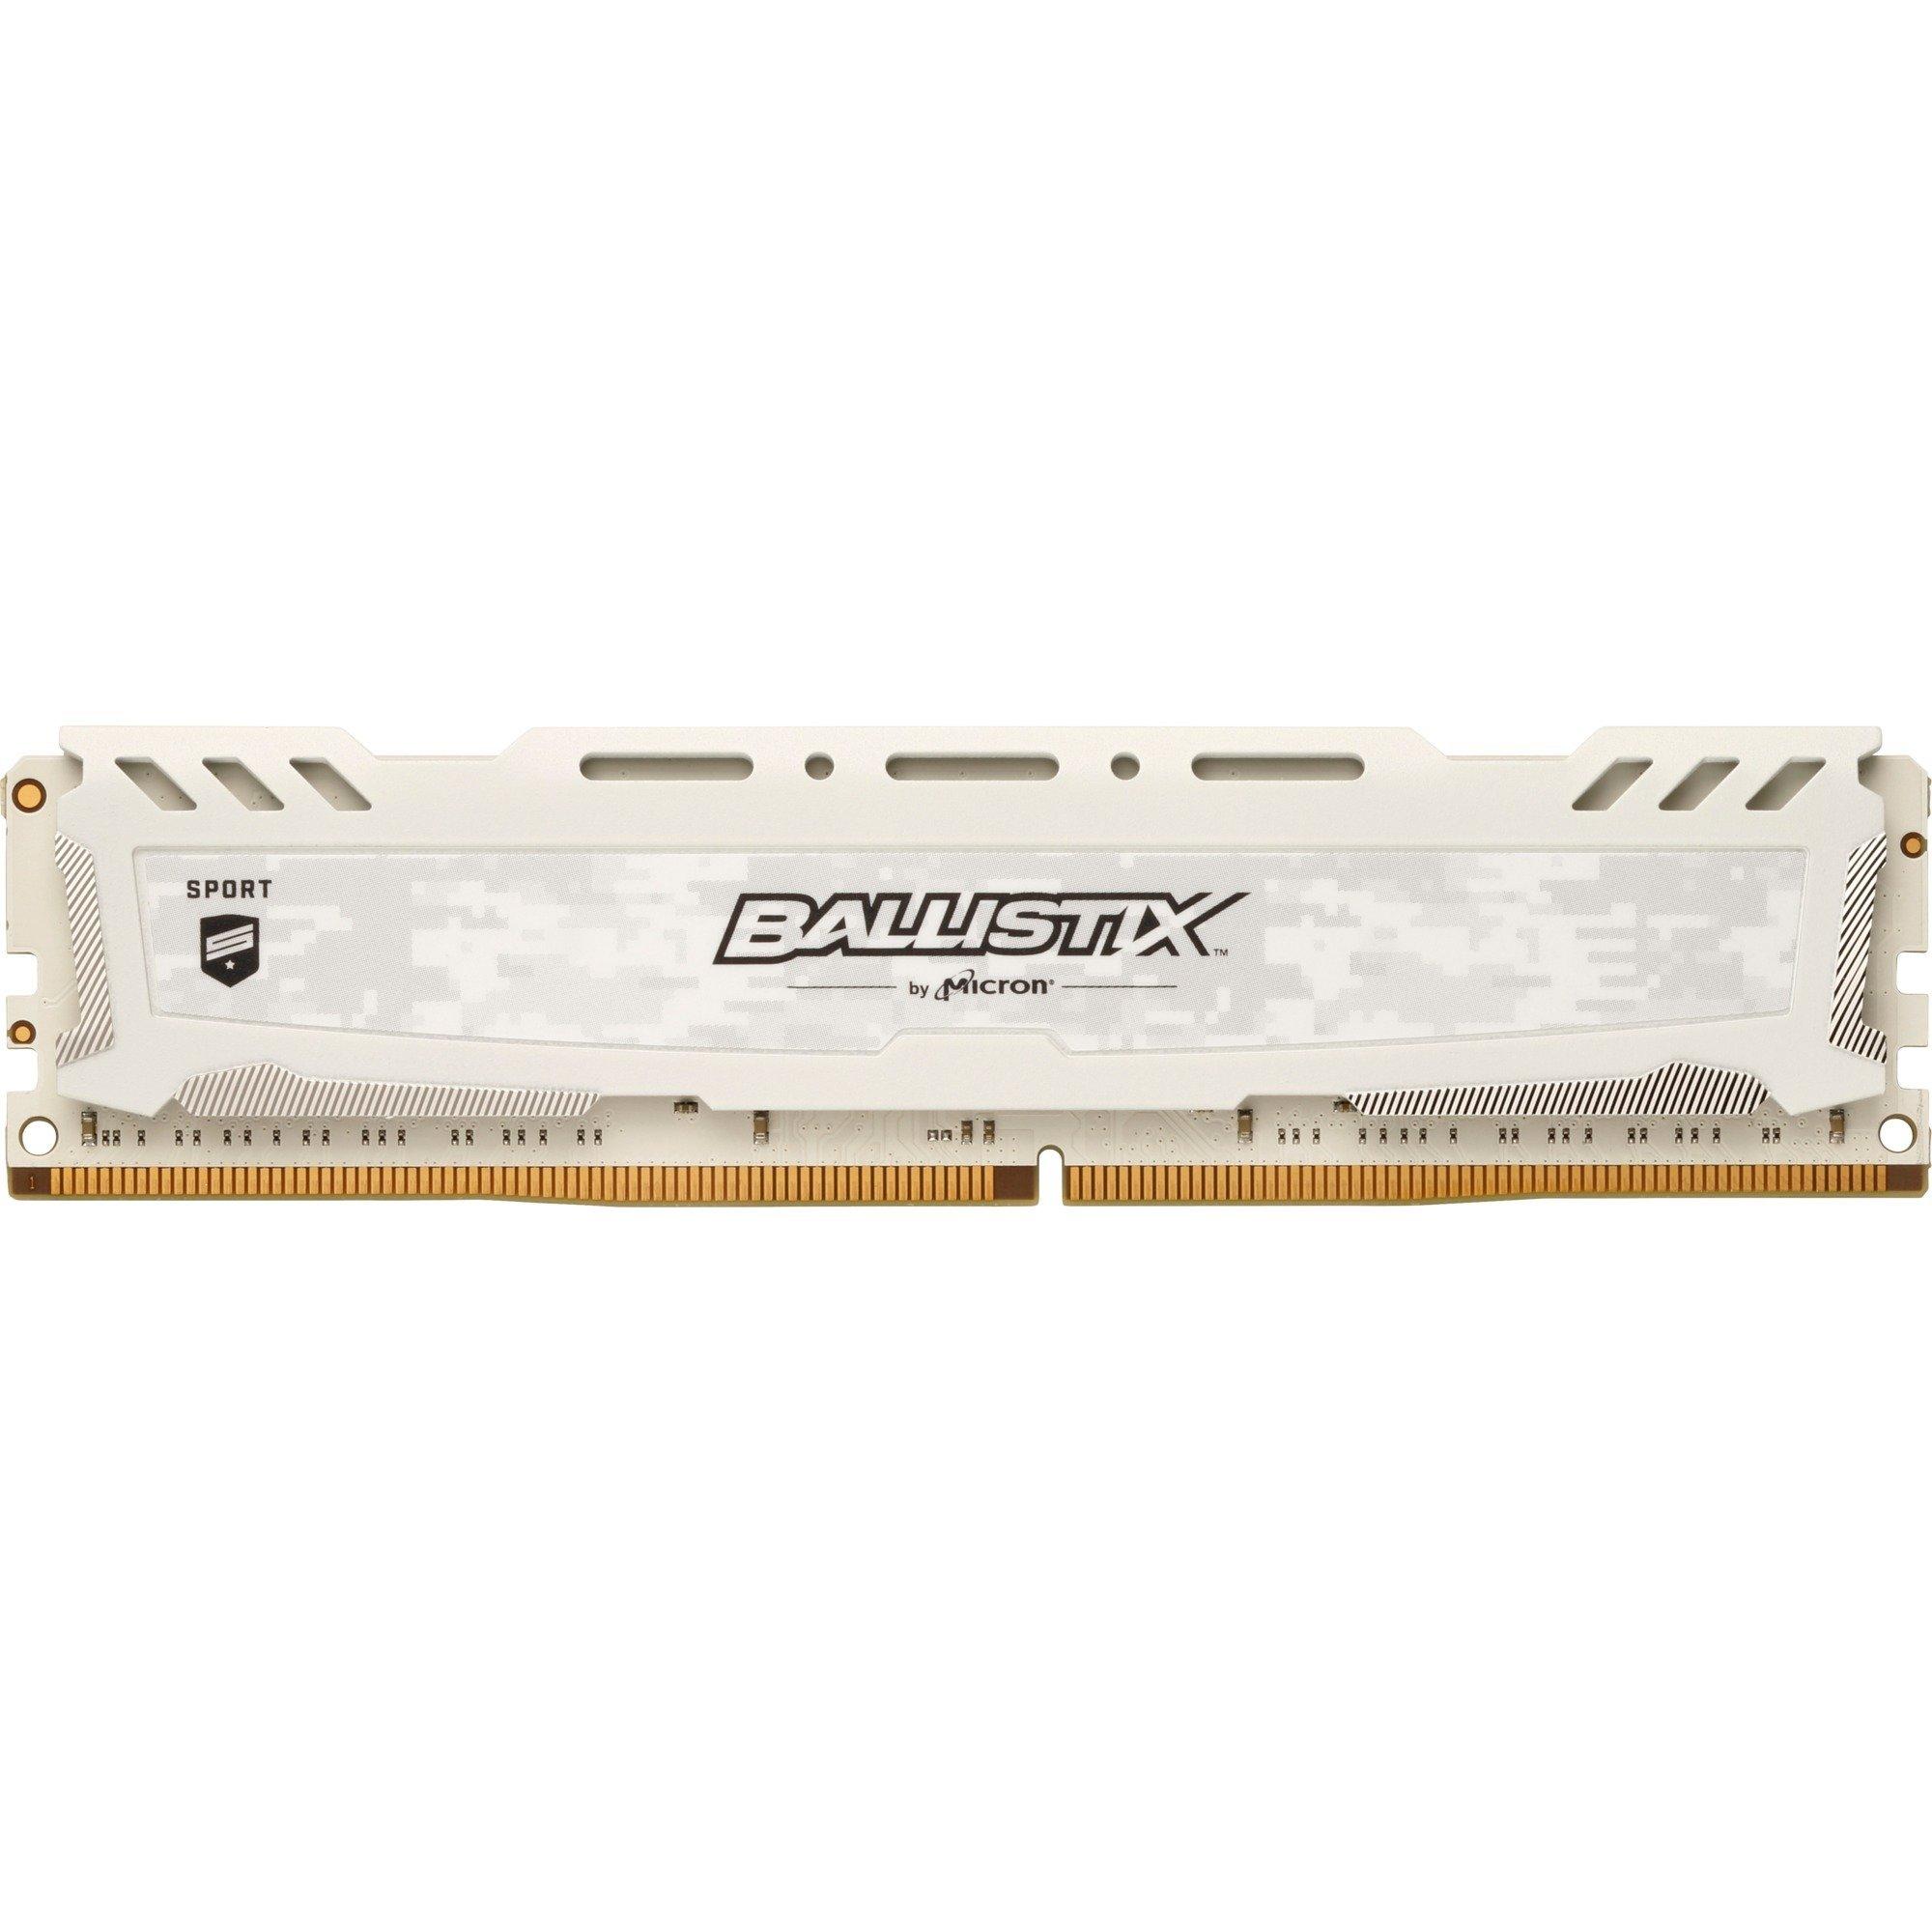 Ballistix Sport LT 8GB DDR4 2400MHz 8Go DDR4 2400MHz module de mémoire